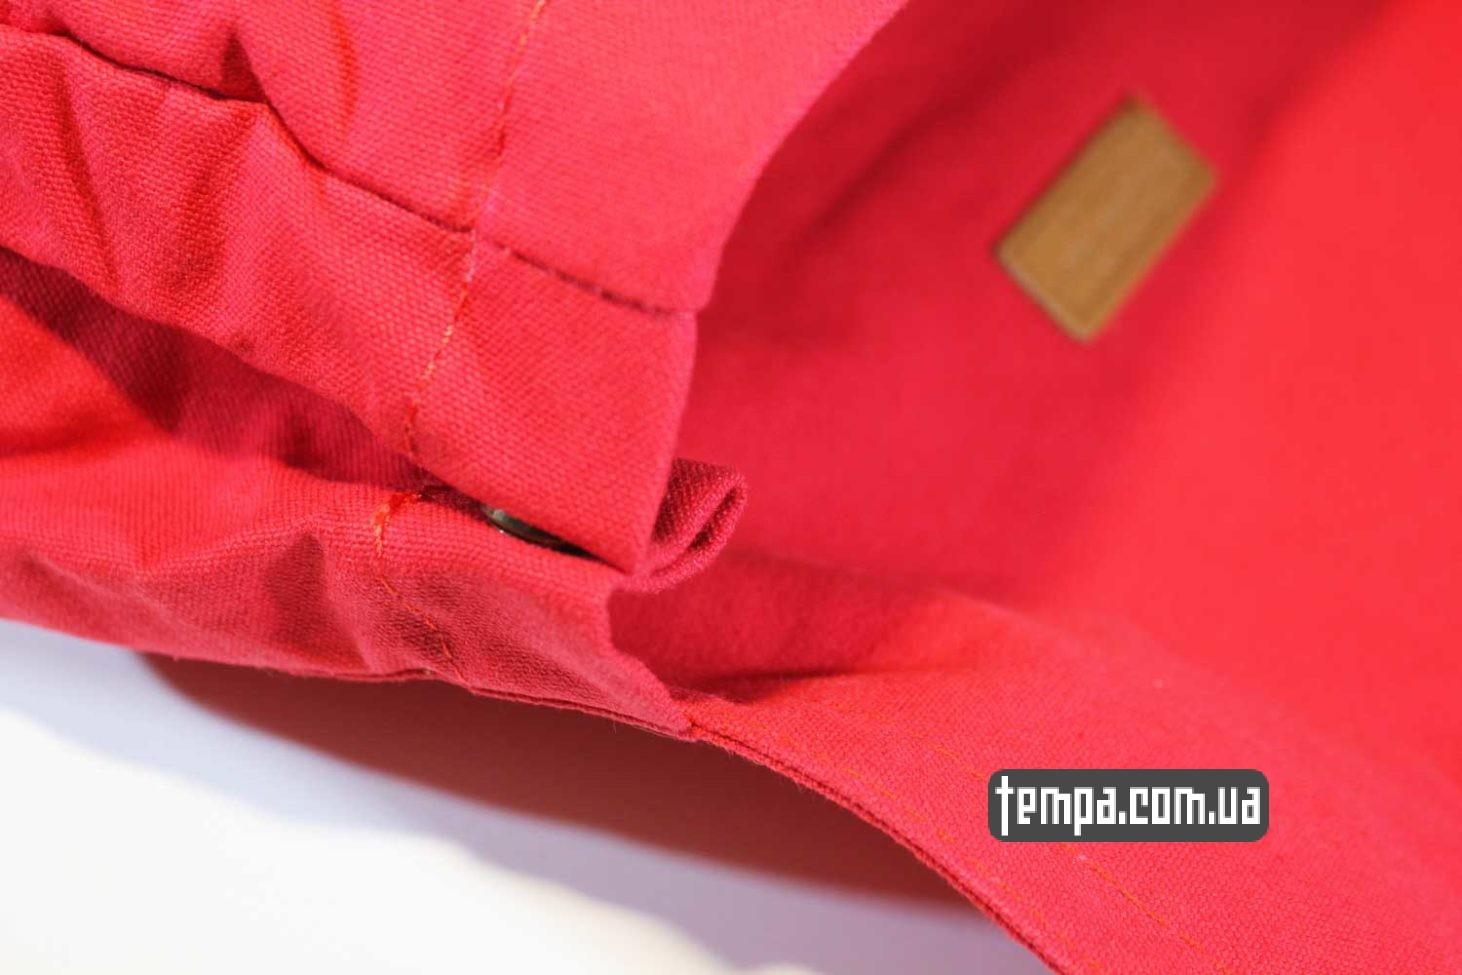 хипстерская одежда заказать Украина Киев Одесса рюкзак сумка Fjällräven Foldsack No.1 Ox красная